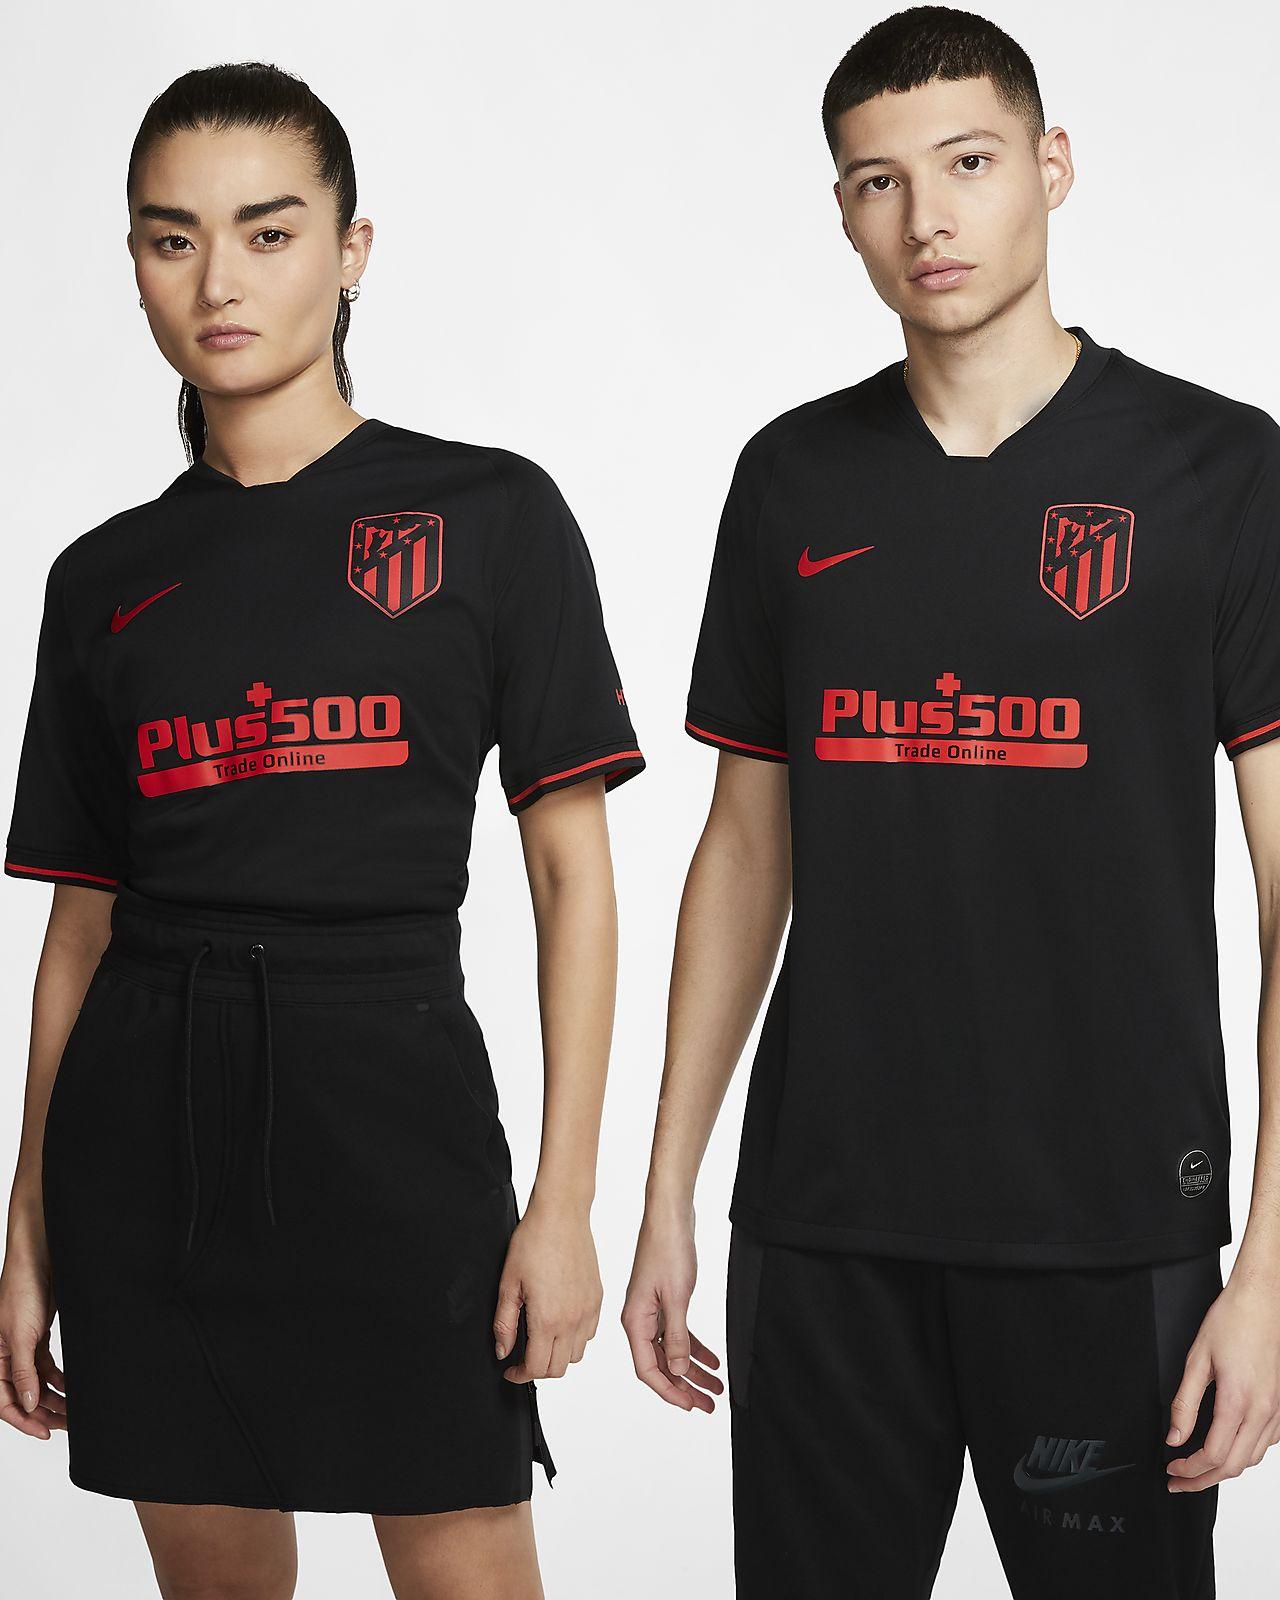 Camiseta de fútbol para hombre de visitante Stadium del Atlético de Madrid 2019/20